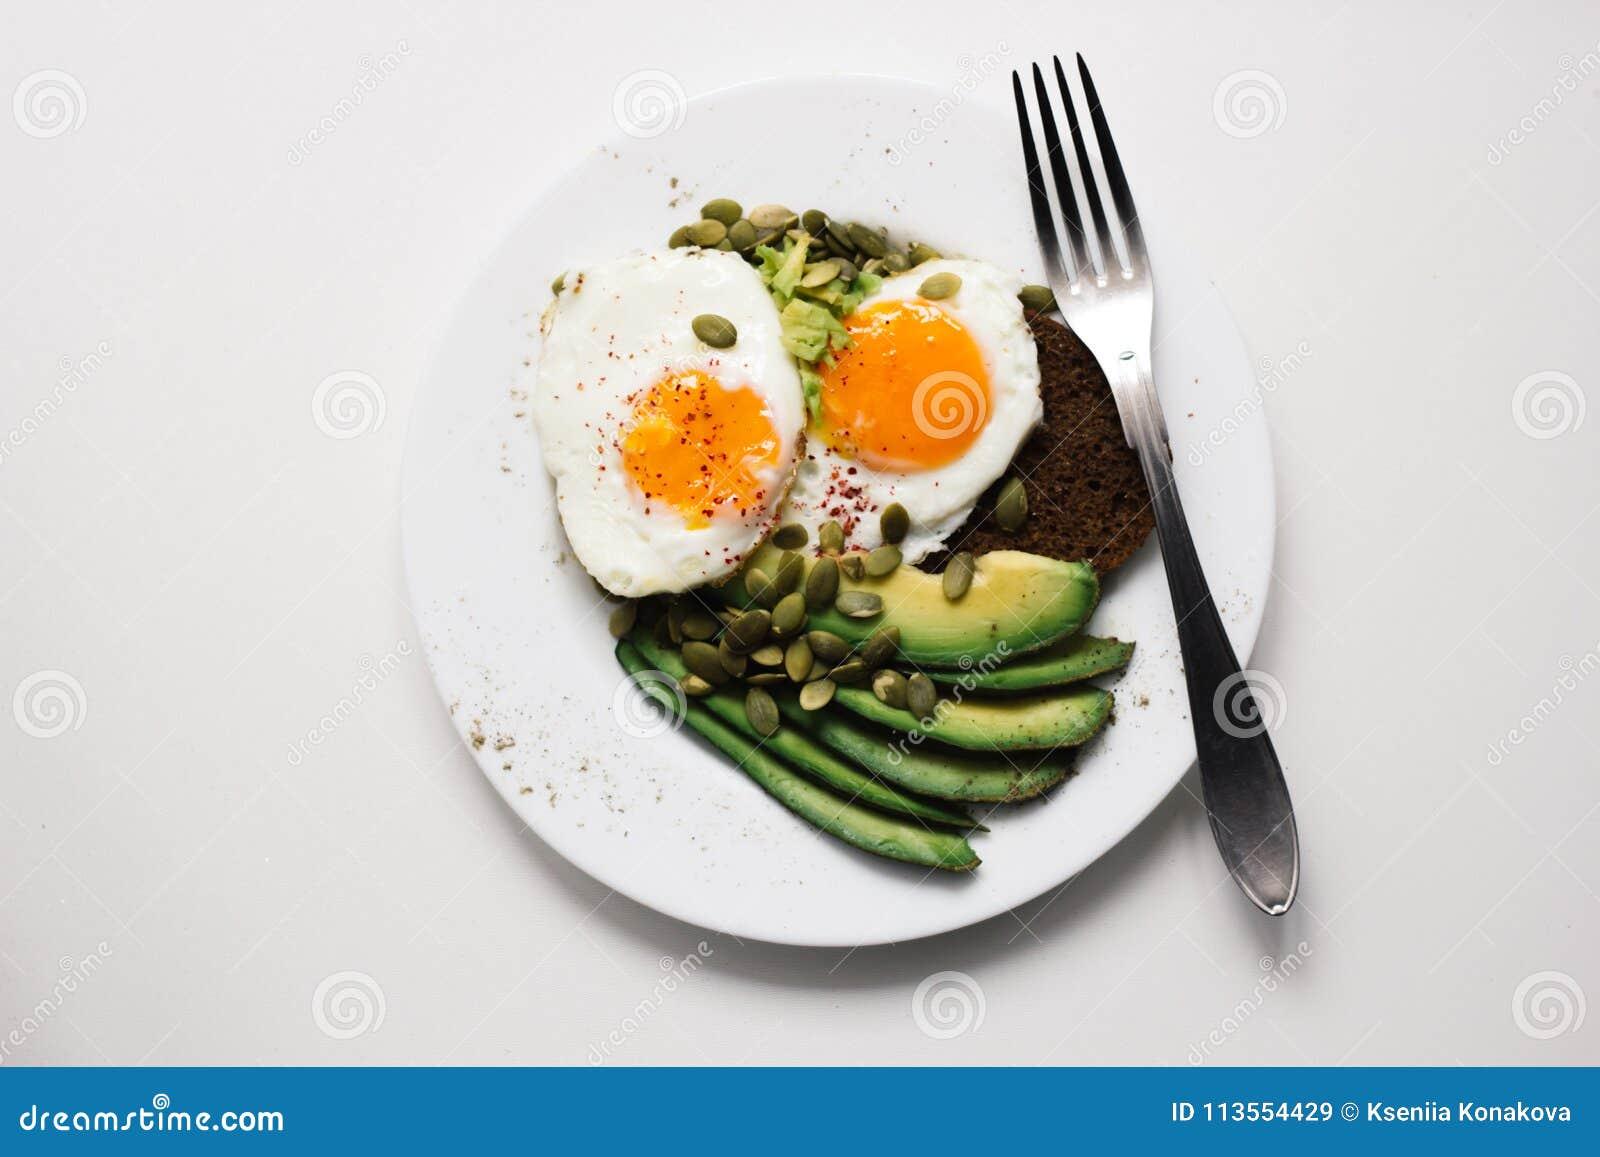 Dieta del huevo duro y la manzana